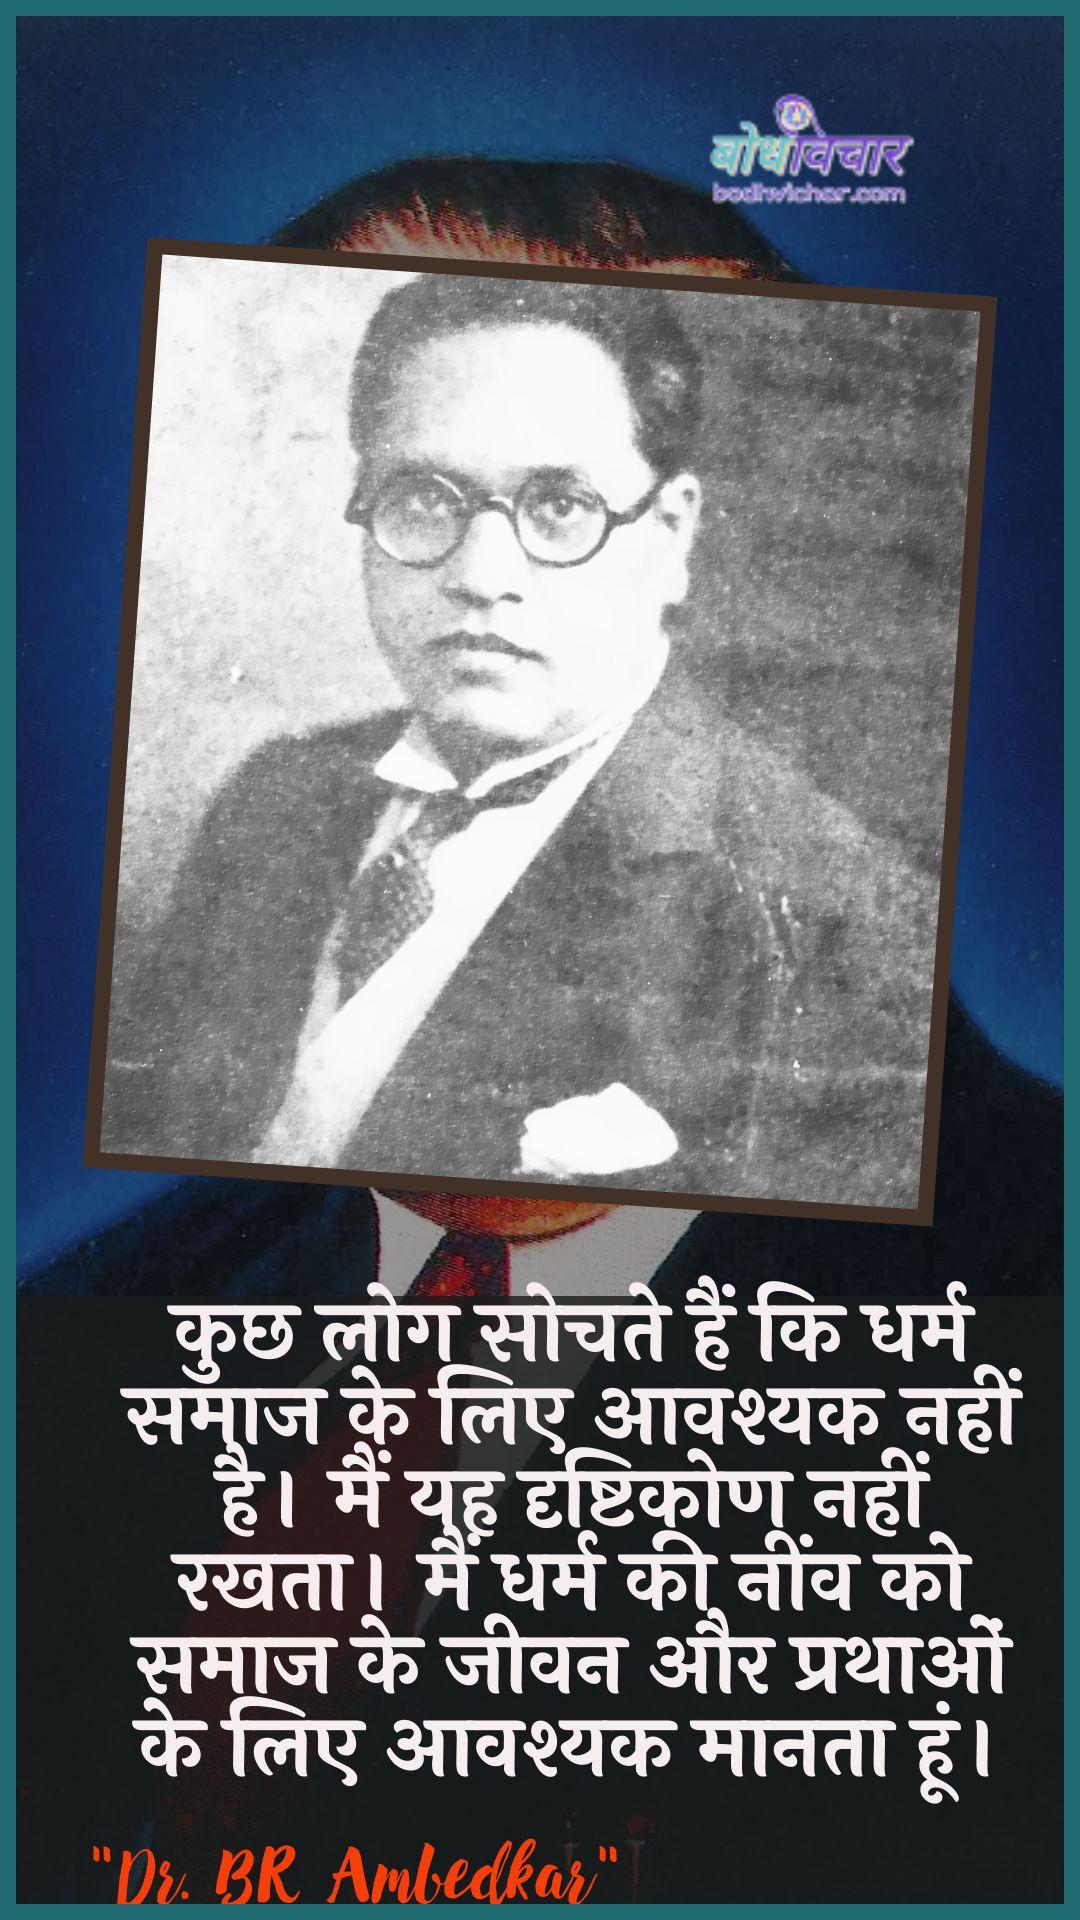 कुछ लोग सोचते हैं कि धर्म समाज के लिए आवश्यक नहीं है। मैं यह दृष्टिकोण नहीं रखता। मैं धर्म की नींव को समाज के जीवन और प्रथाओं के लिए आवश्यक मानता हूं। : Kuchh log sochate hain ki dharm samaaj ke lie aavashyak nahin hai. main yah drshtikon nahin rakhata hai main dharm kee neenv ko samaaj ke jeevan aur jeevan ke lie aavashyak maanata hoon. - डॉ॰ बी॰ आर॰ अम्बेडकर